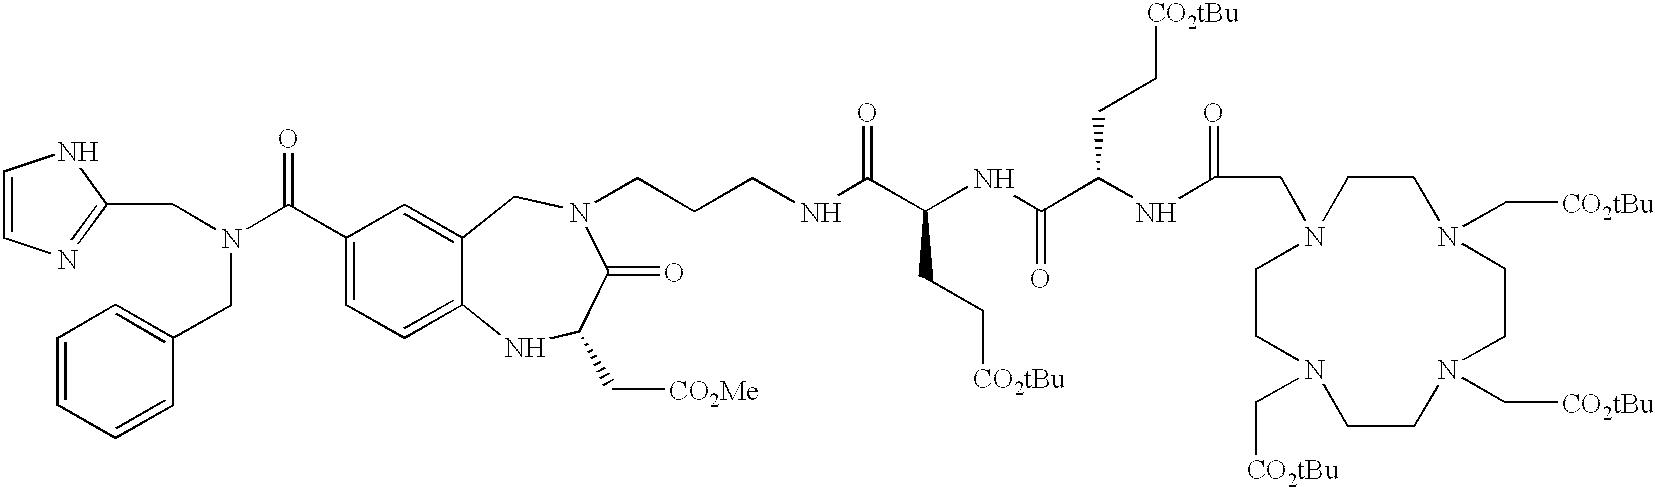 Figure US06558649-20030506-C00057